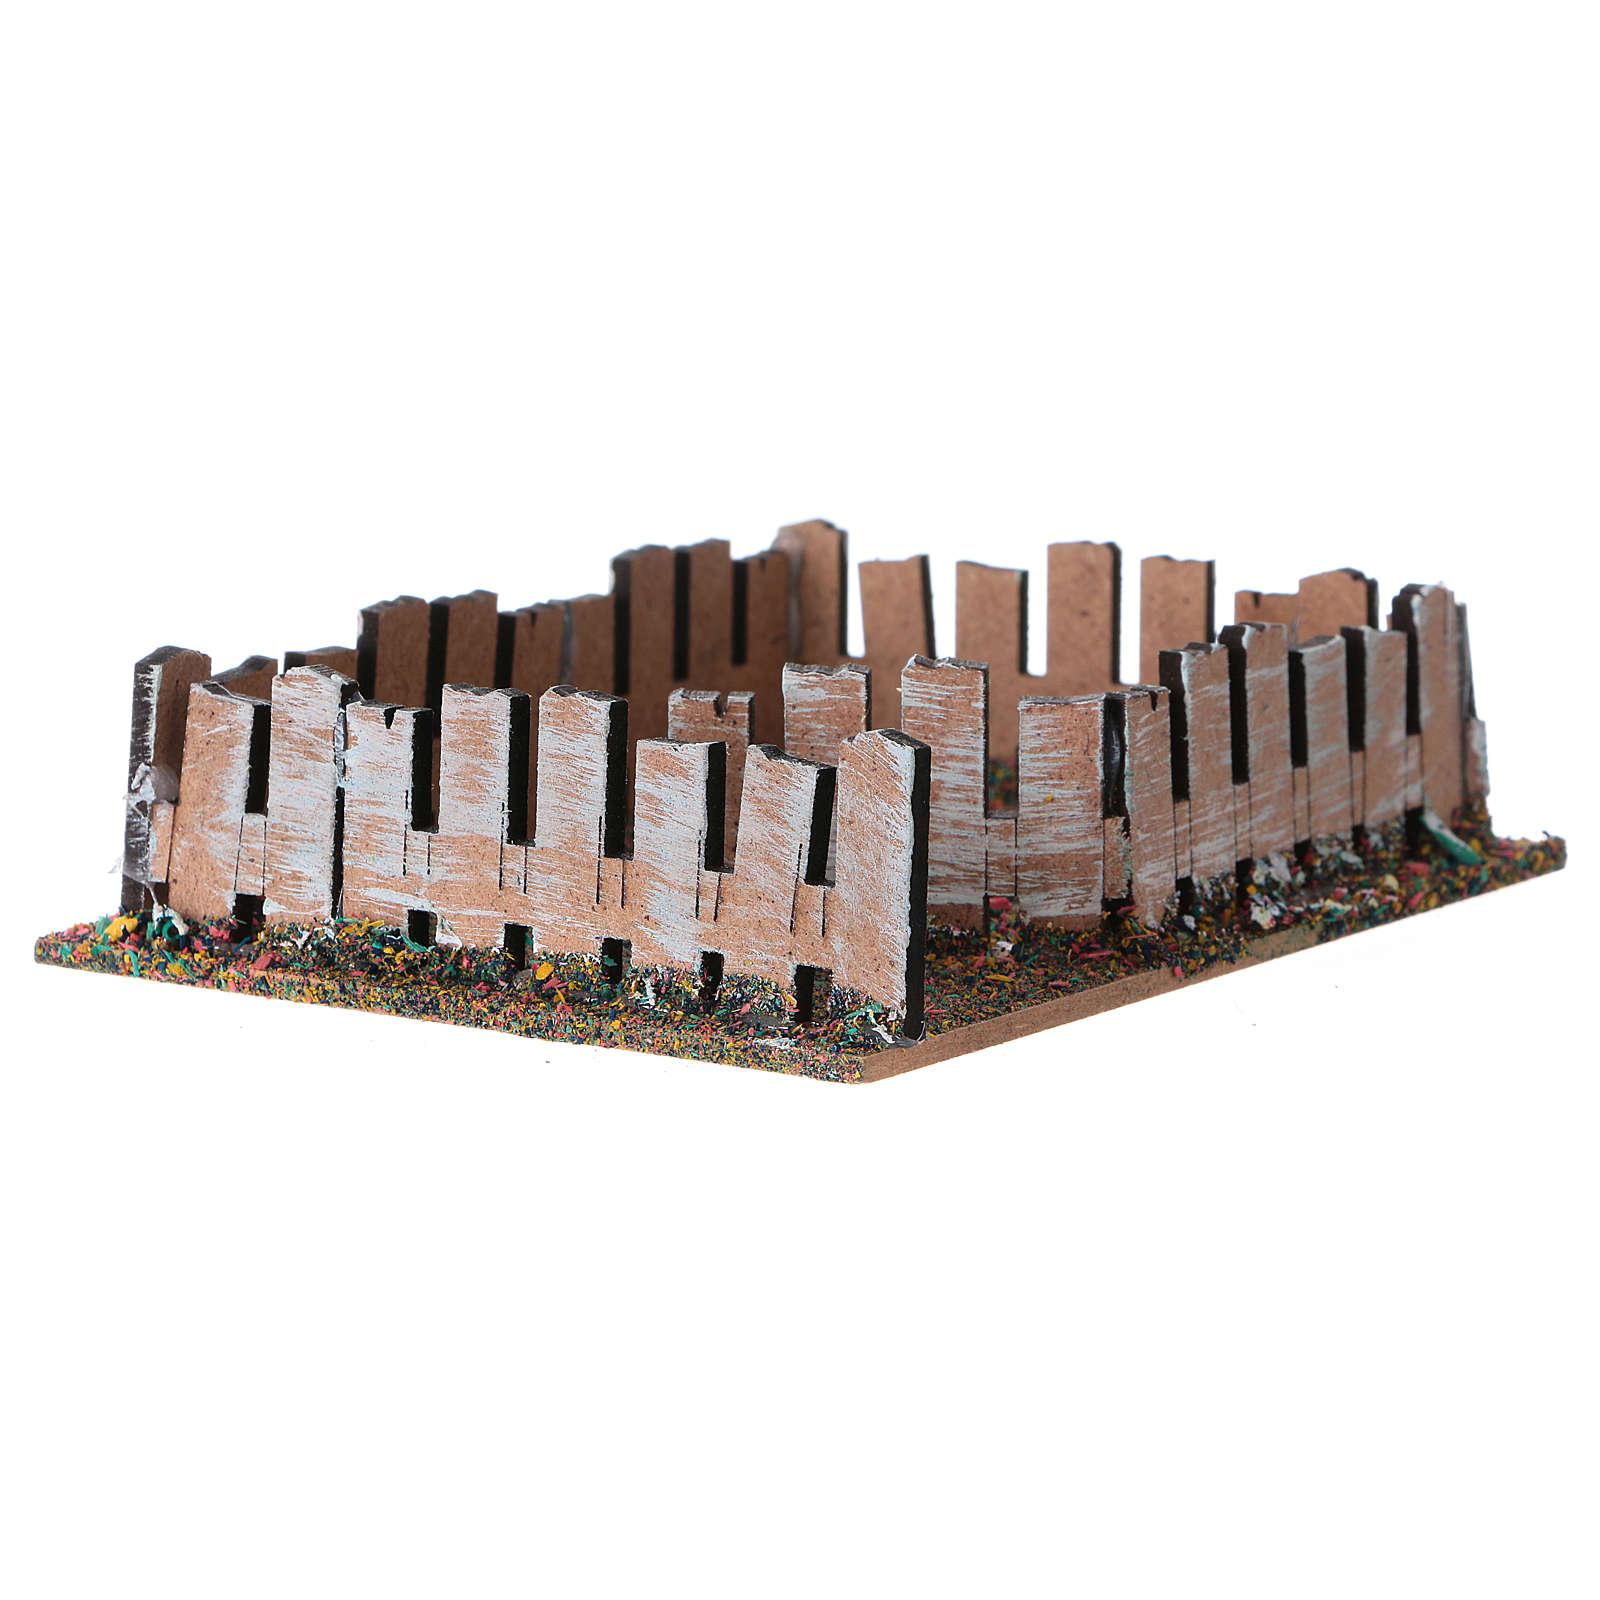 Recinto para animales de madera y corcho 4x13x10 cm 3